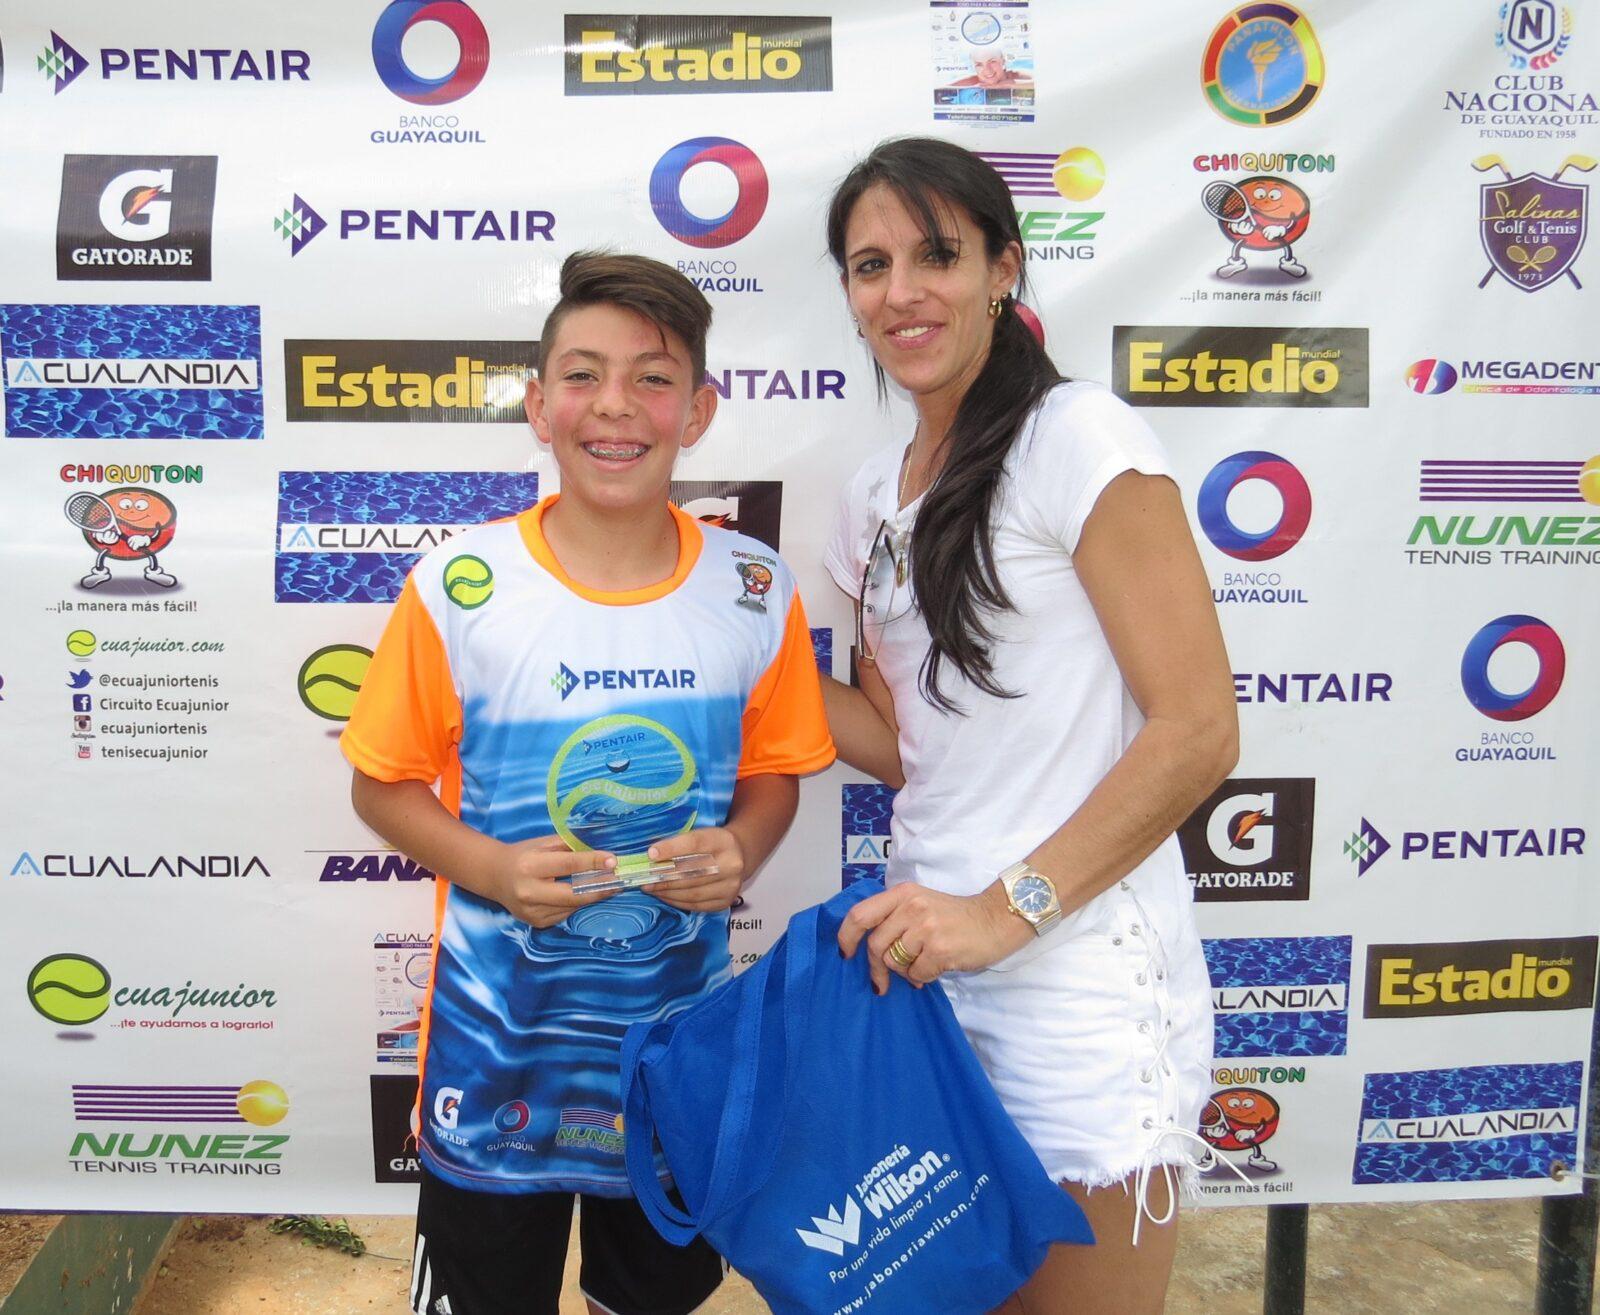 Hijo de Dreer campeón en categoría de Copa Ecuajunior